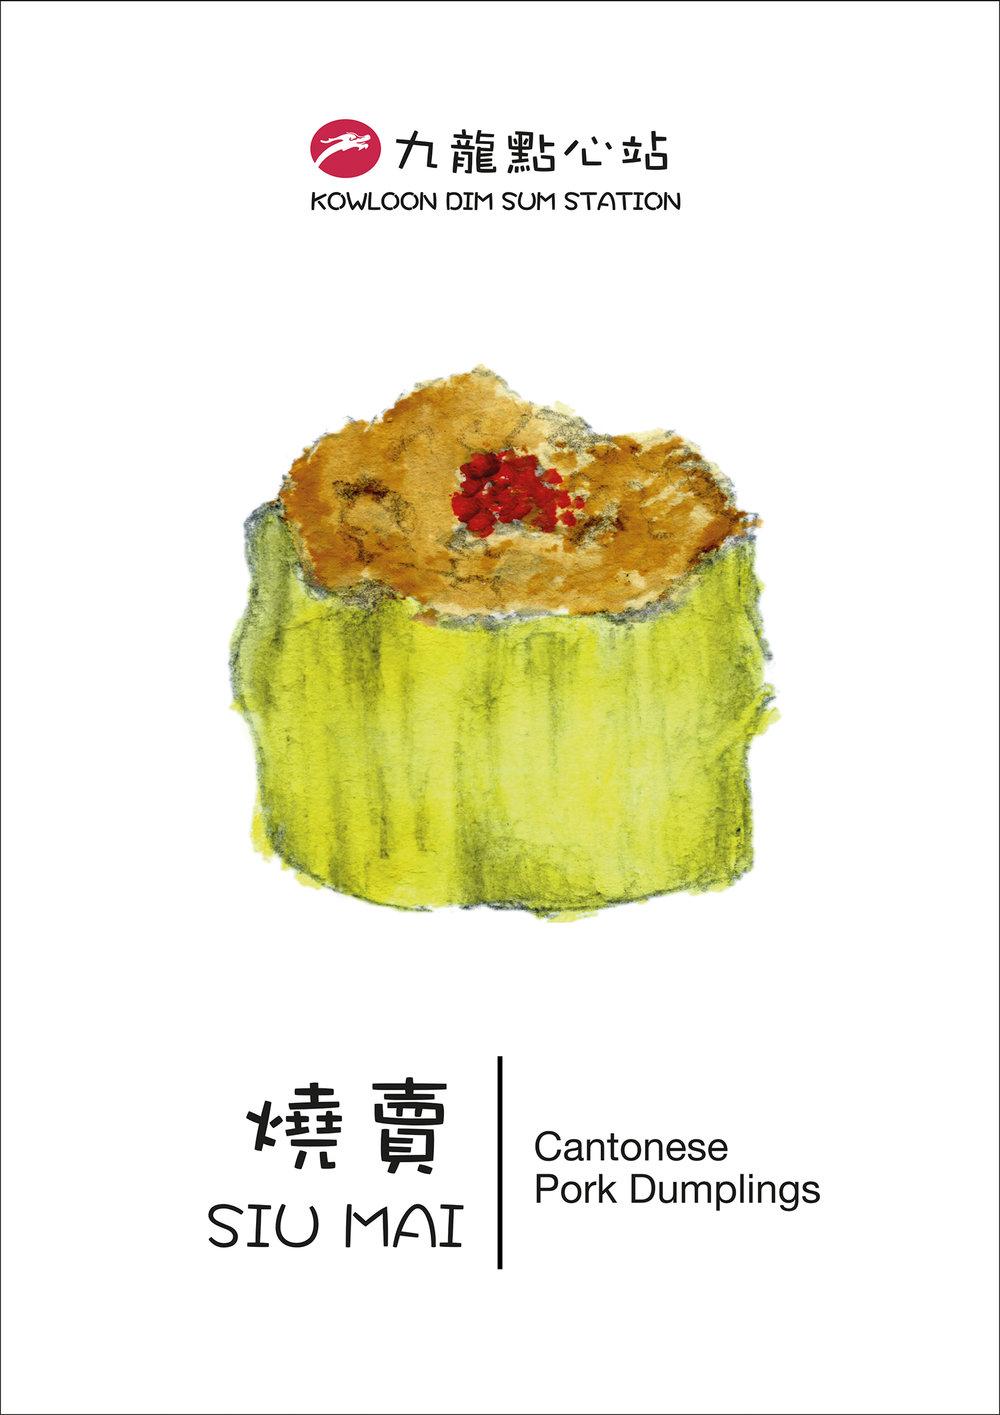 kowloon-dim-sum-02.jpg